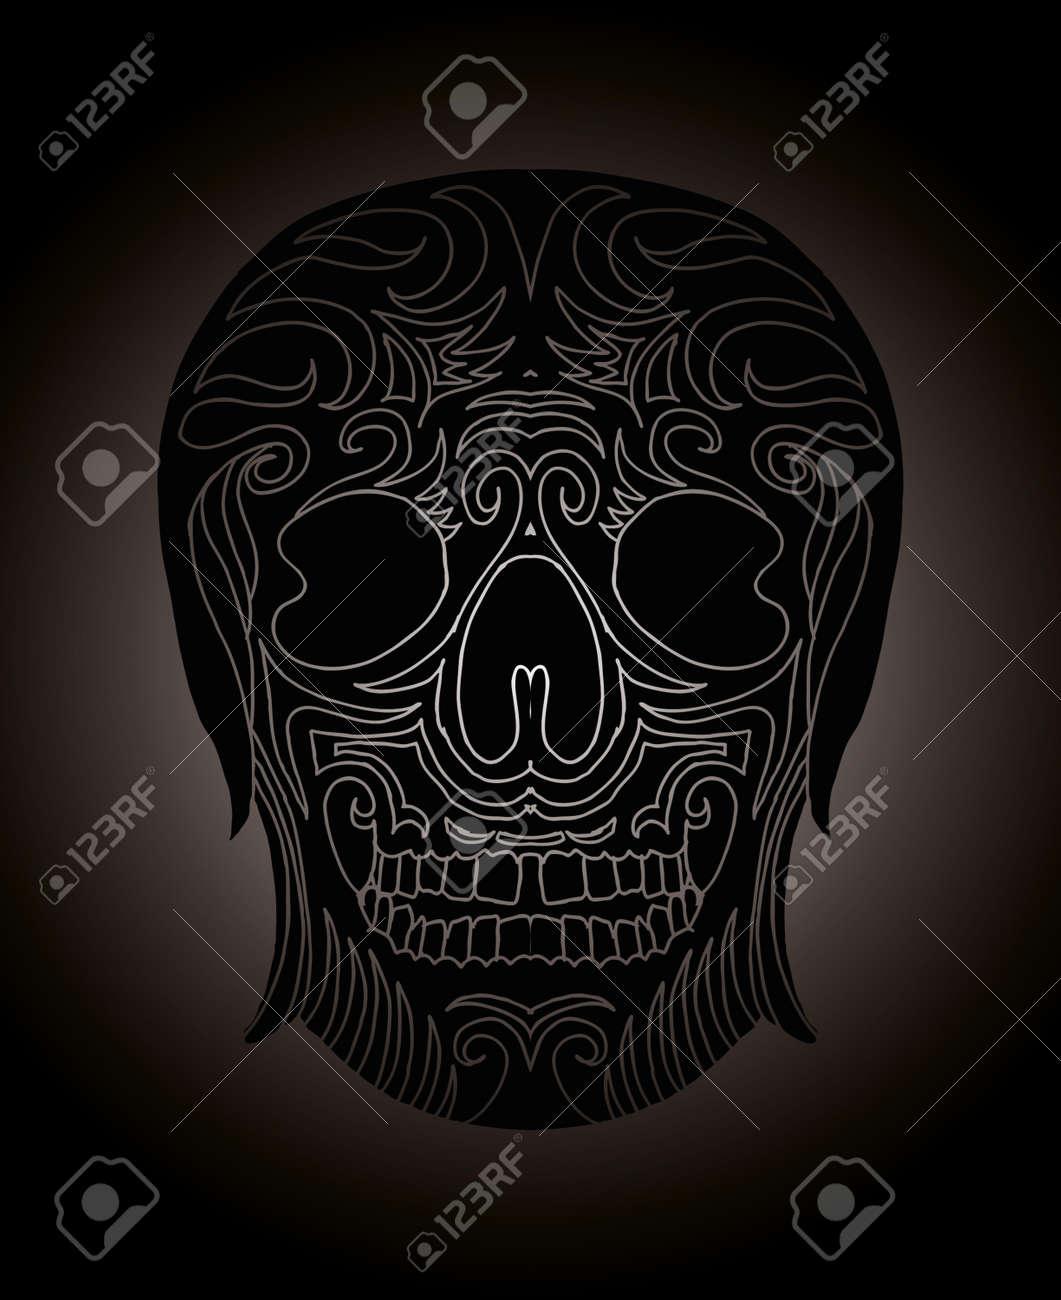 tattoo tribal mexican skull vector art Stock Vector - 19440492